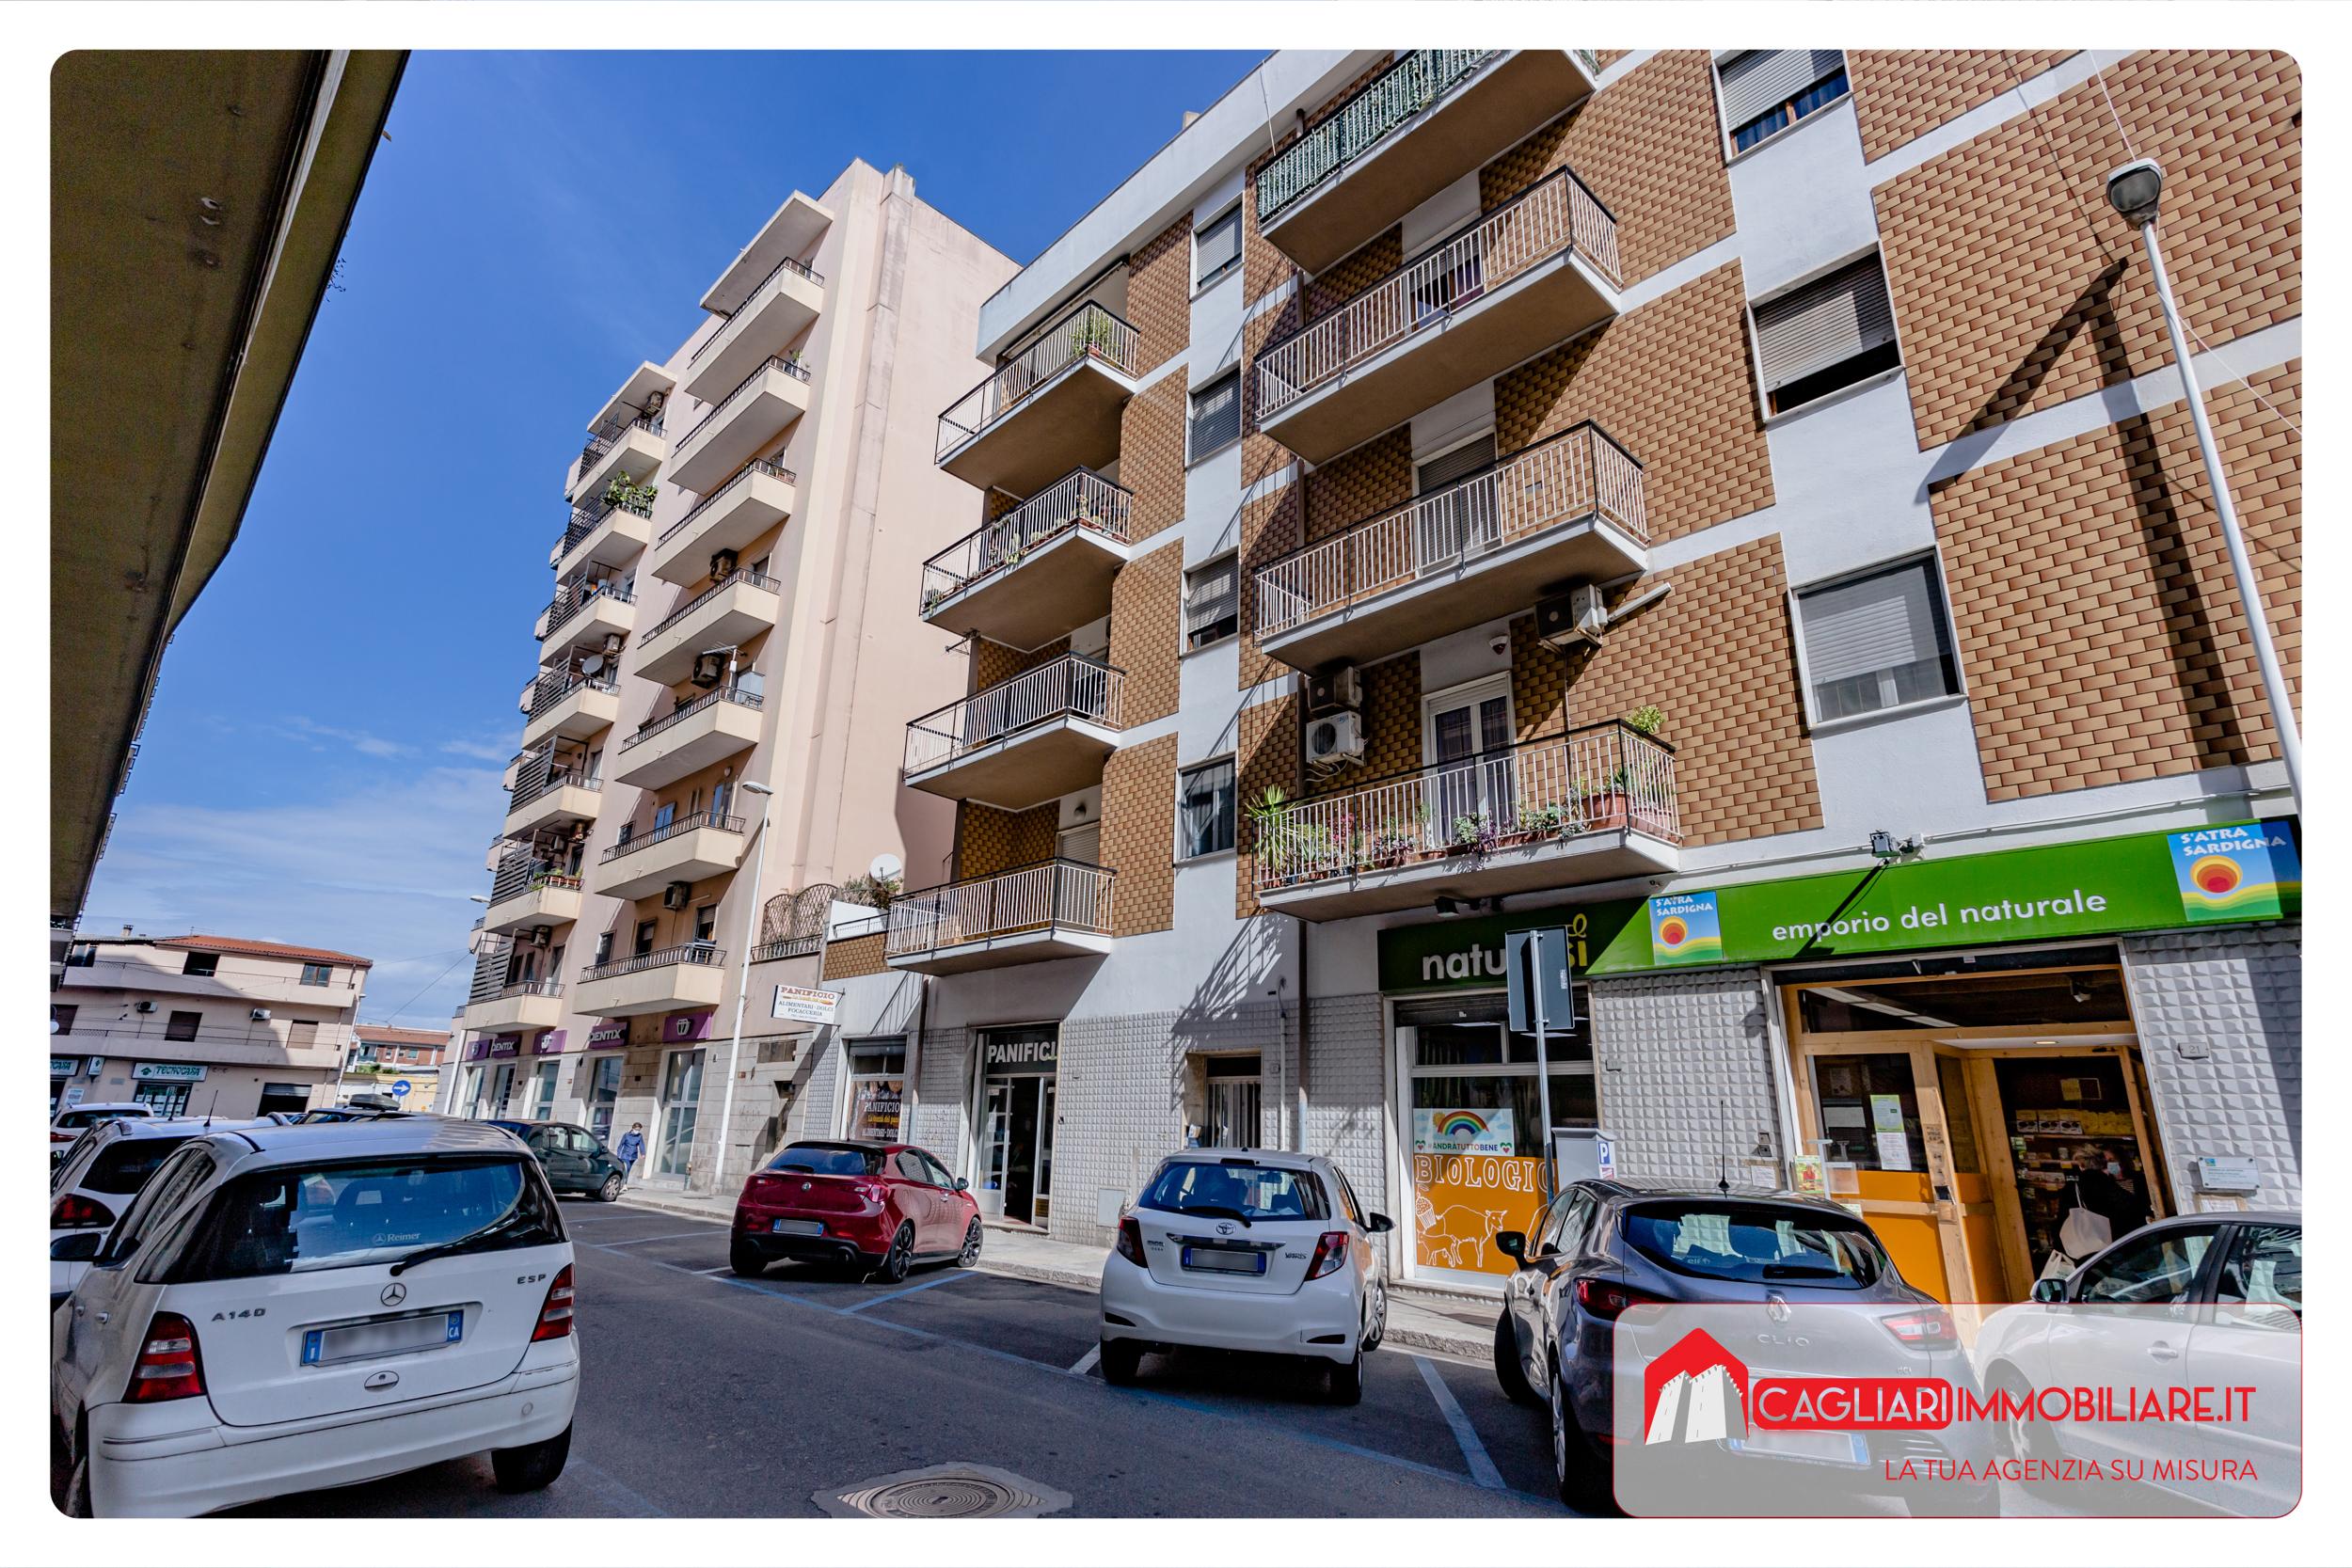 Appartamento ristrutturato Quartu Sant'Elena Trivano A